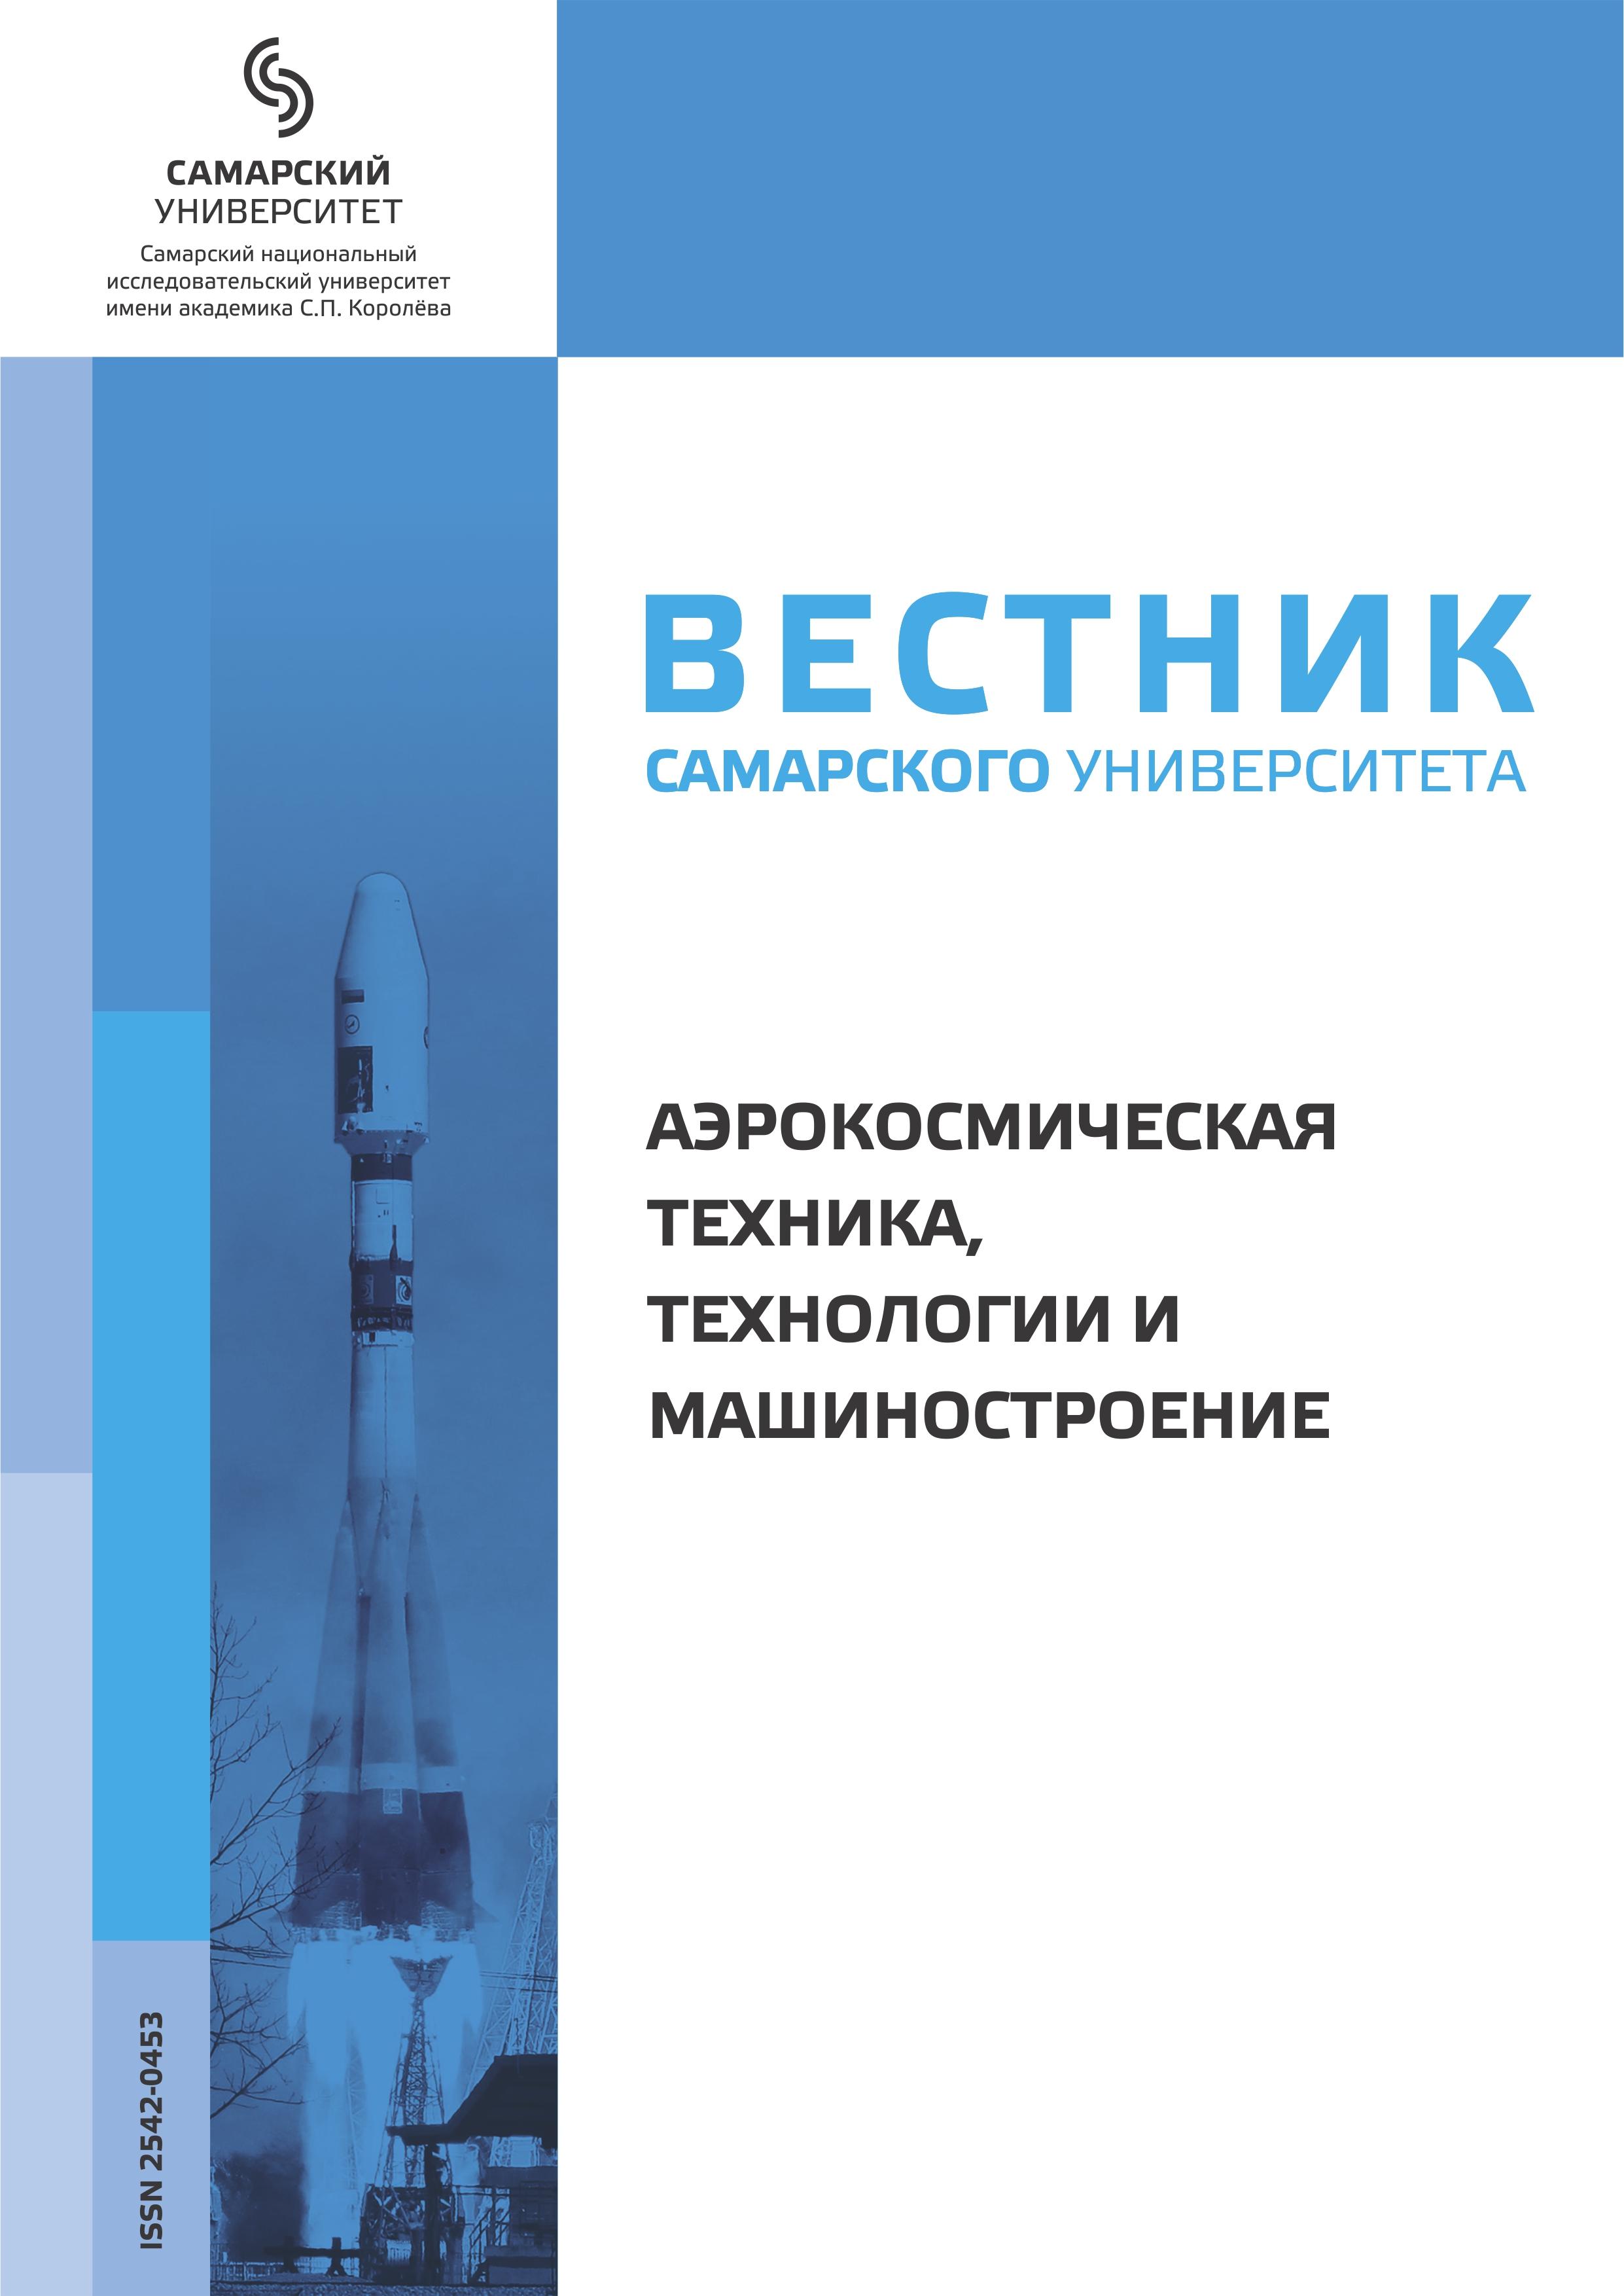 Вестник Самарского университета. Аэрокосмическая техника, технологии и машиностроение